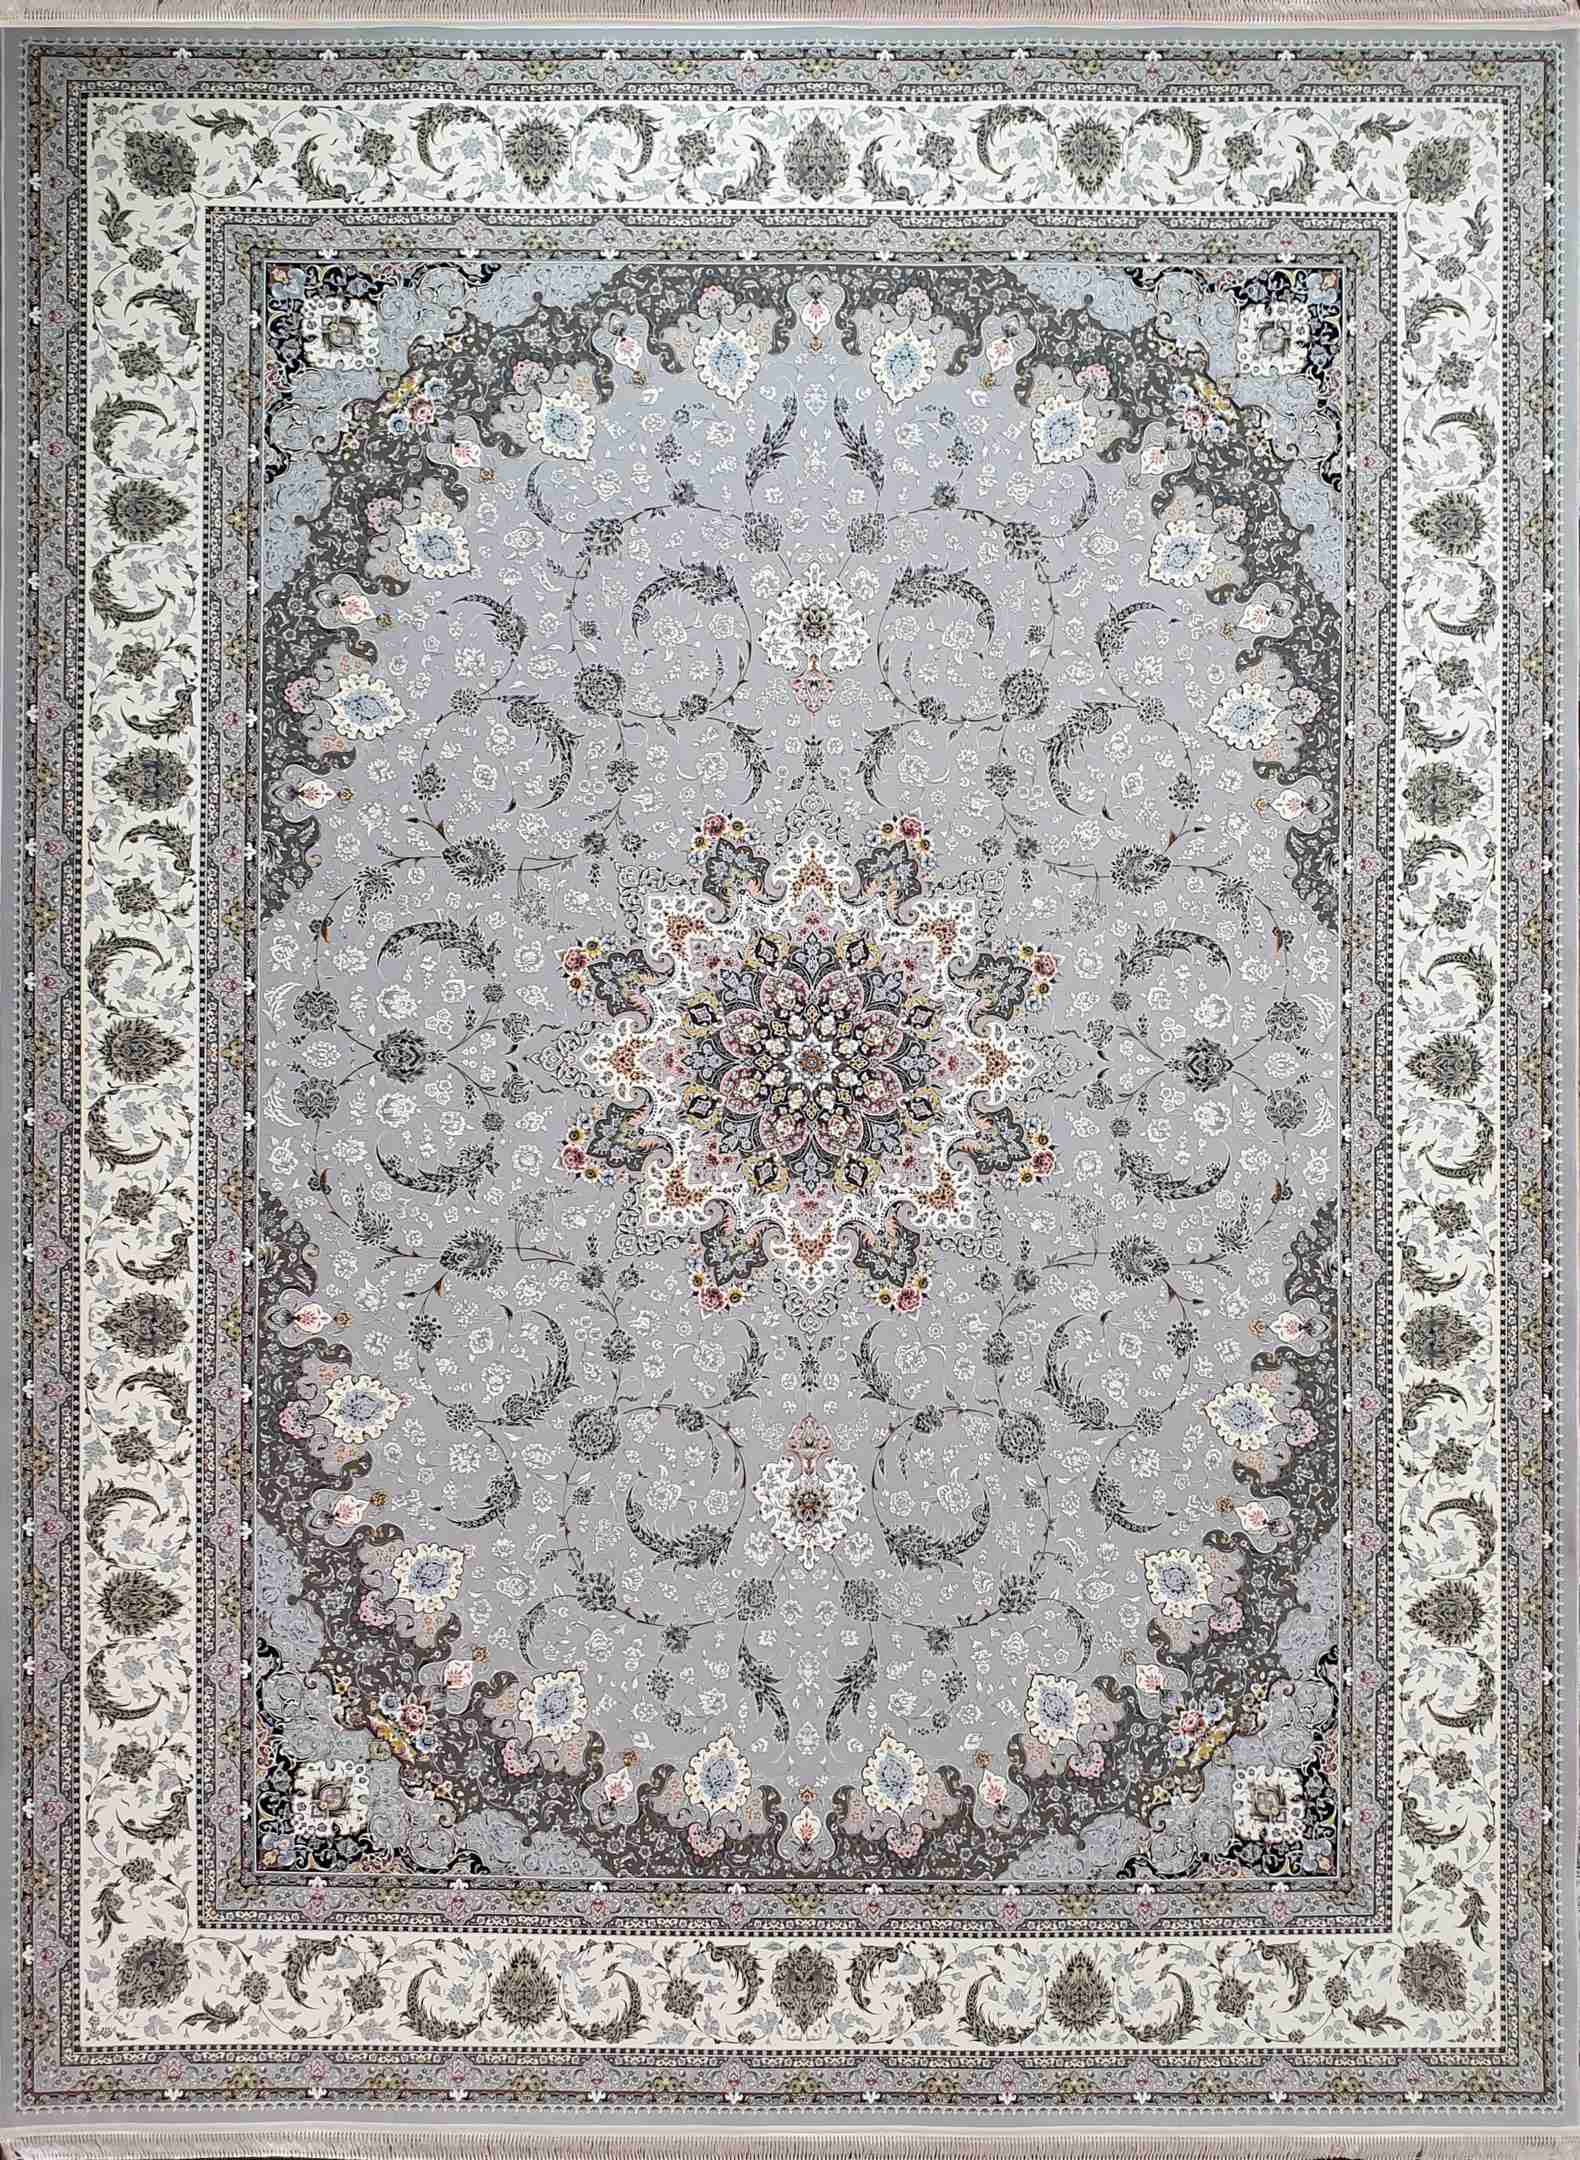 نقشه اصفهان 1500 شانه سیلور گلبرجسته